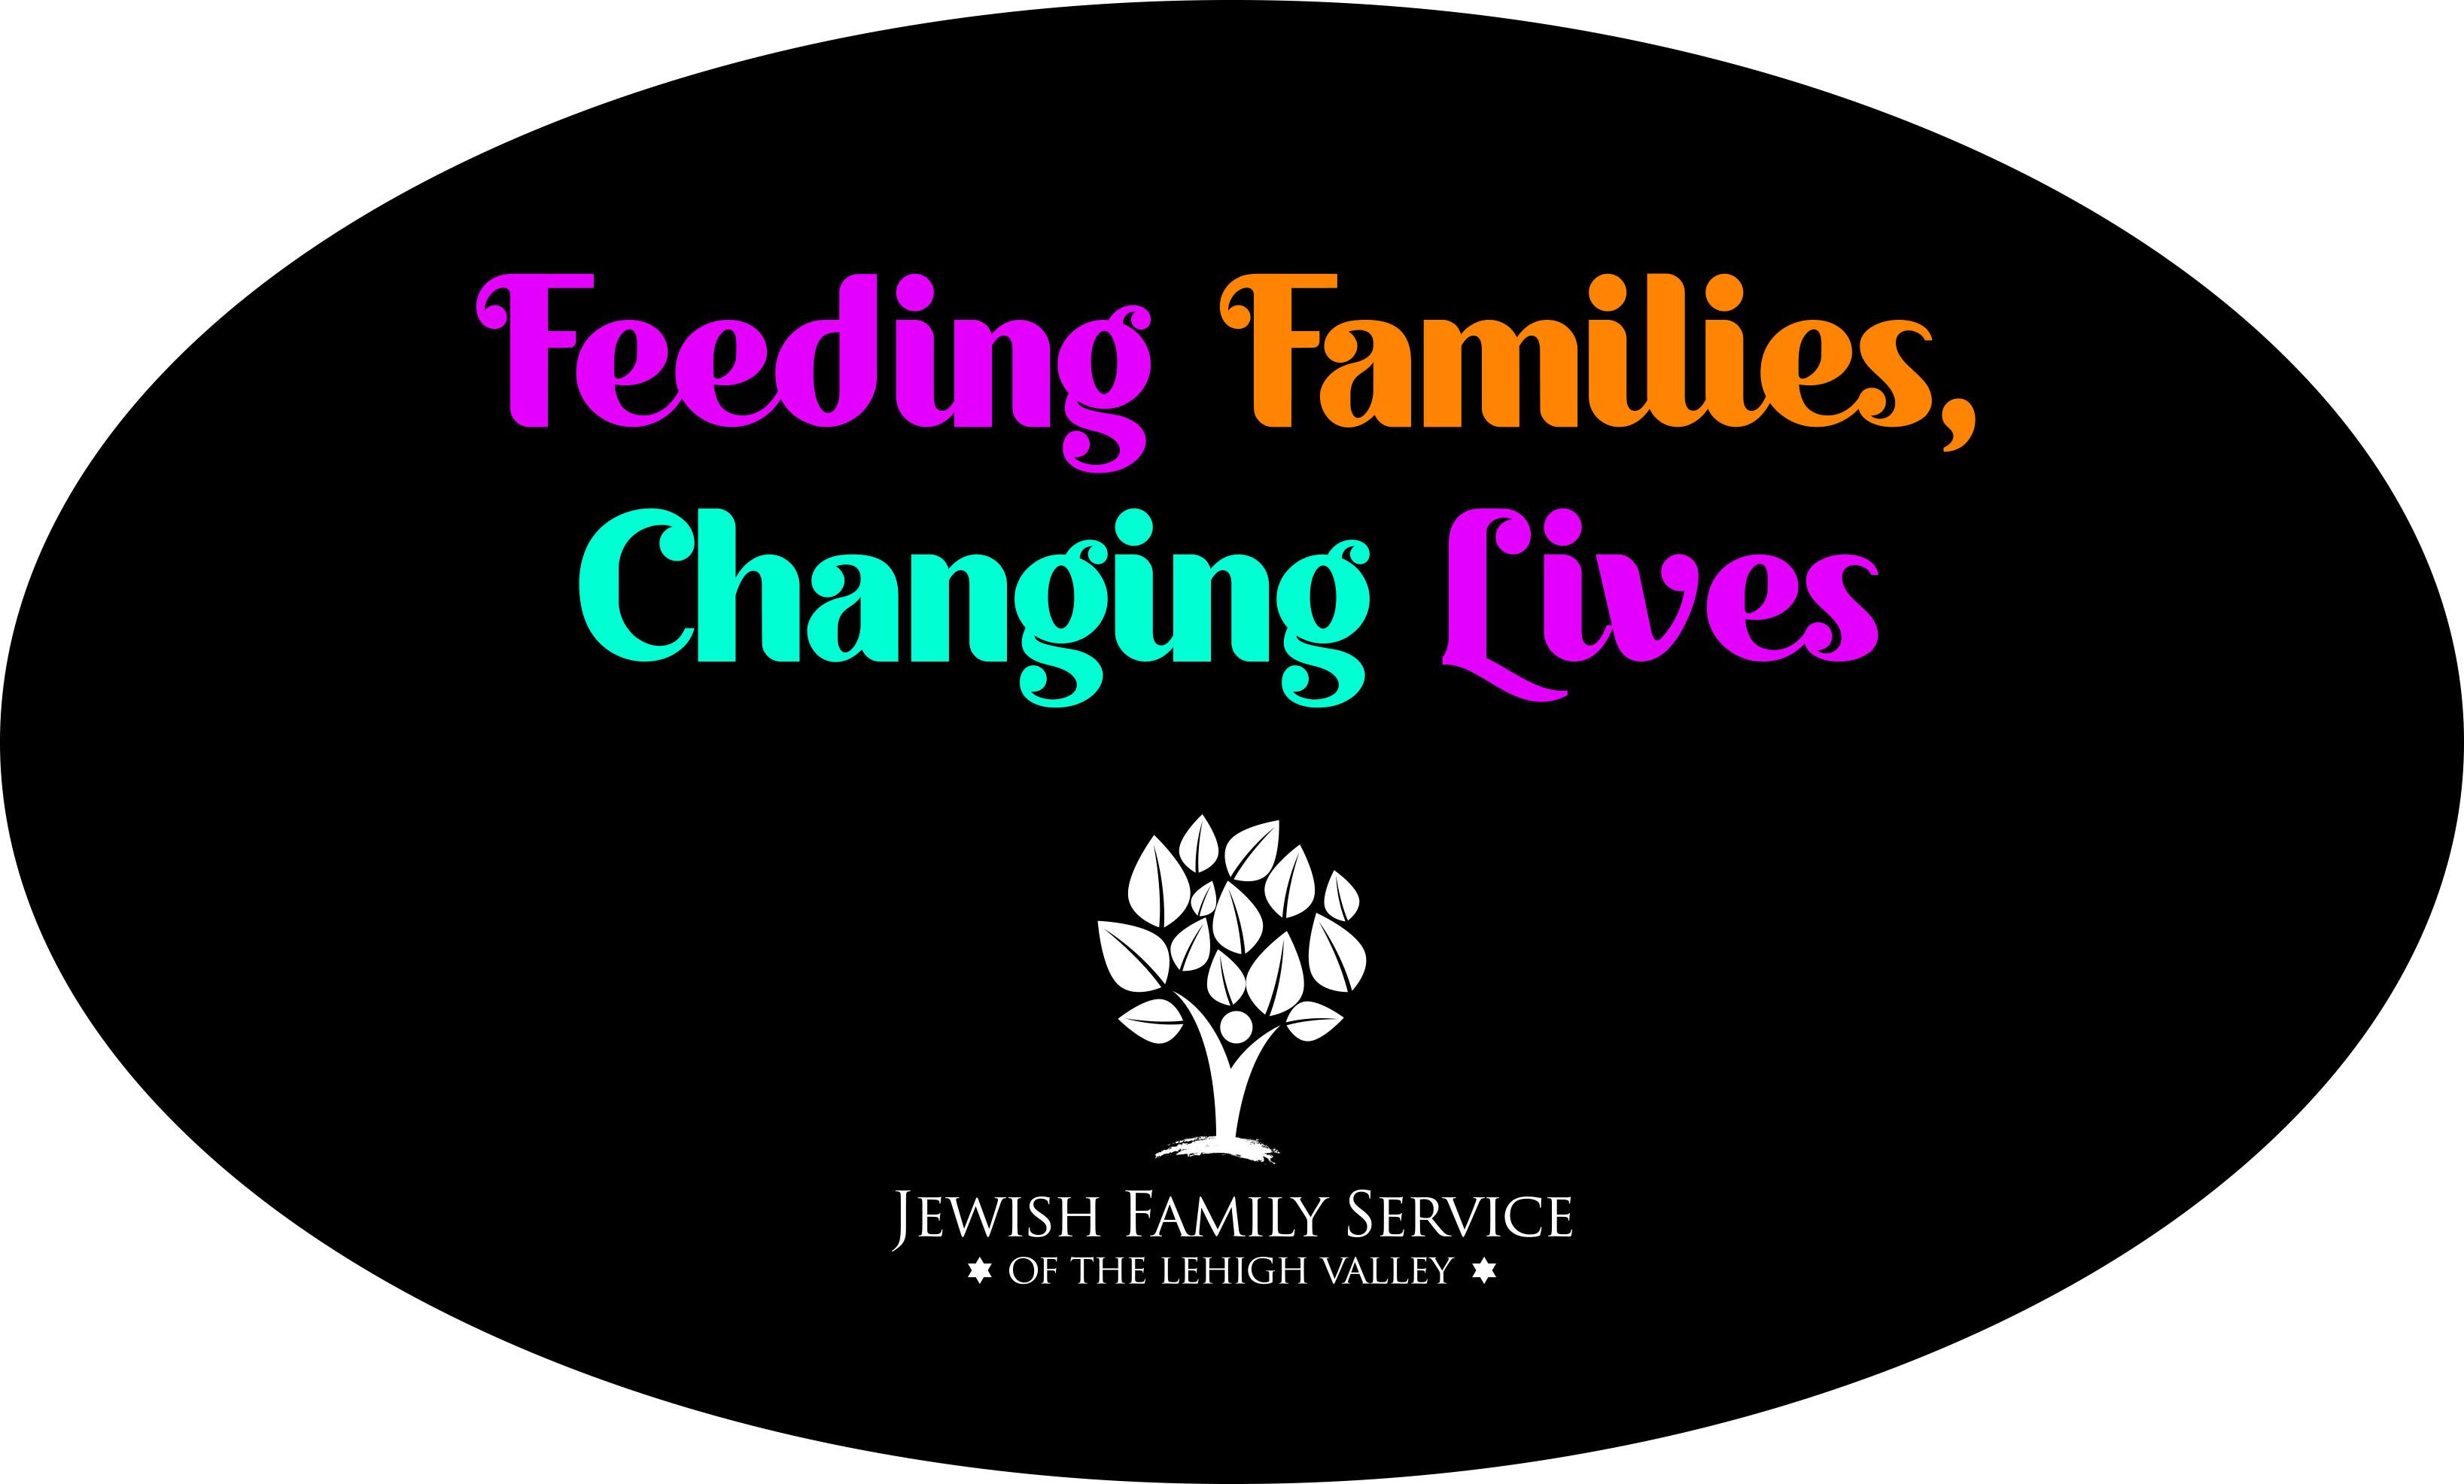 The Great JFS FoodFestFaire Apron